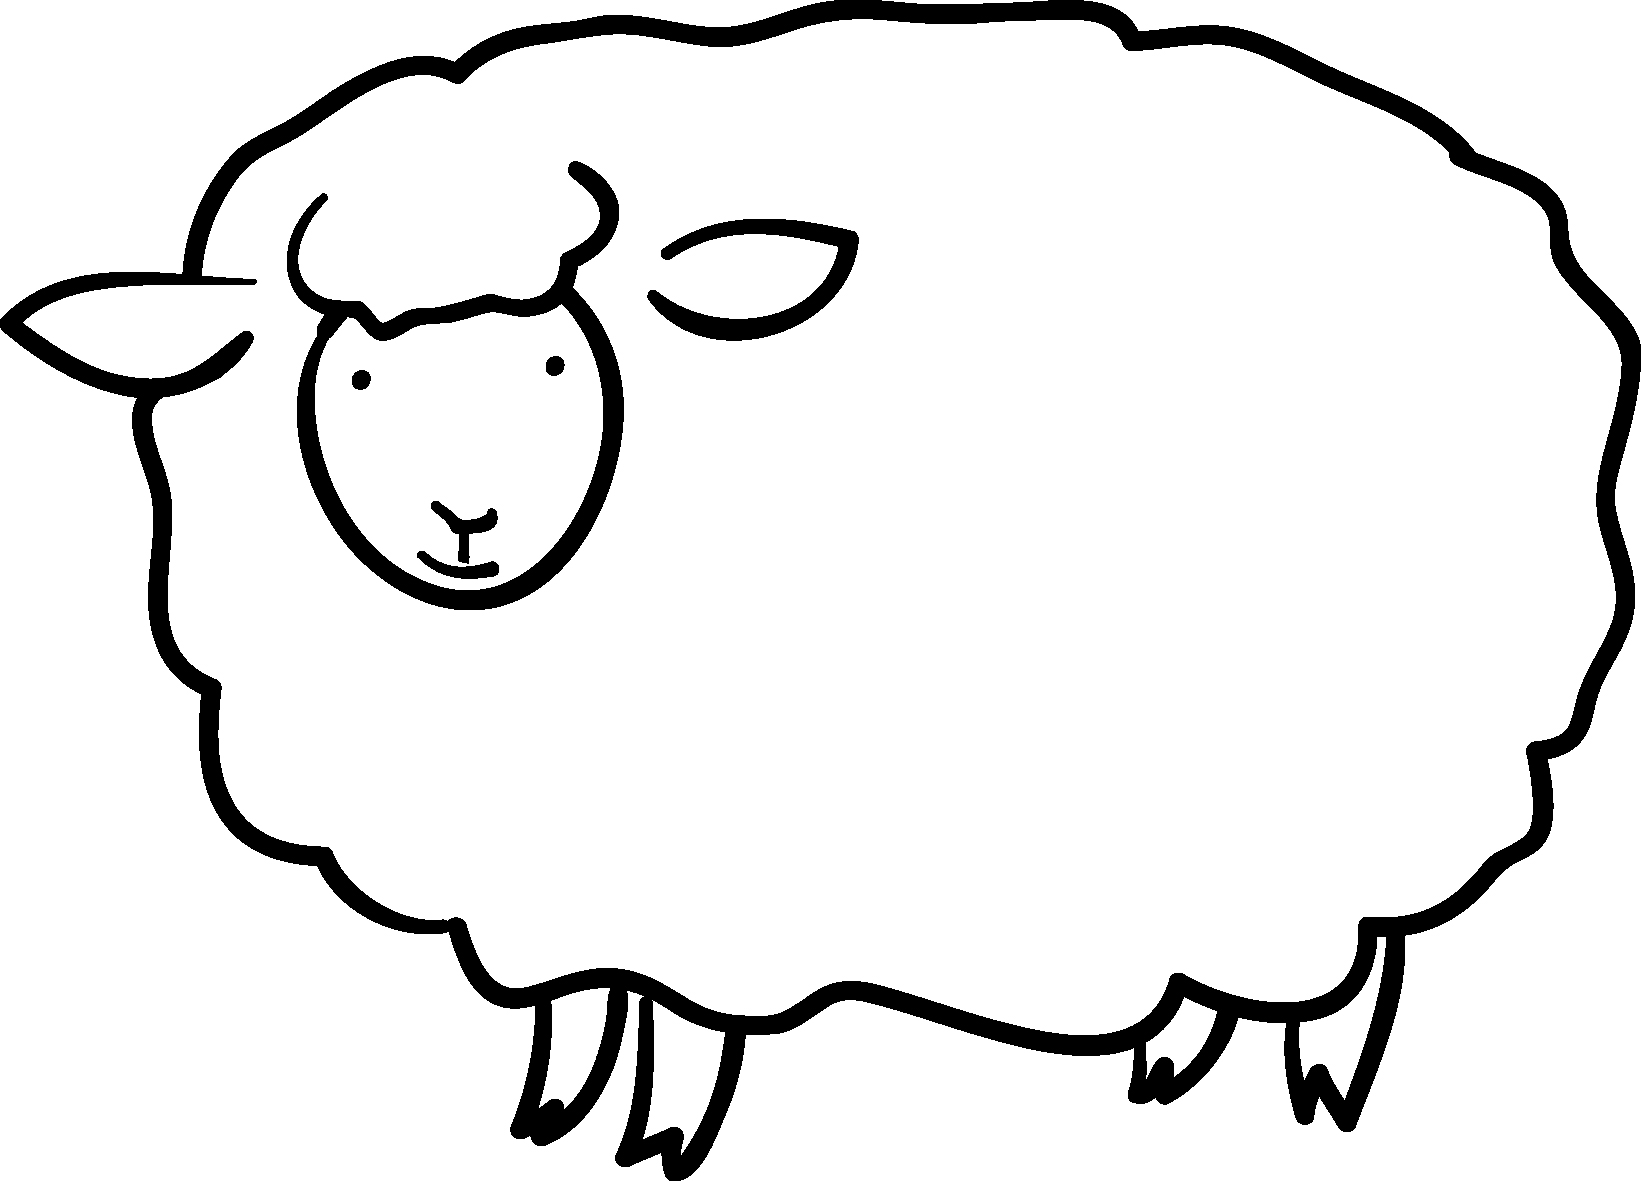 年賀素材館 年賀状イラスト素材 未 ひつじ 羊ダウンロード